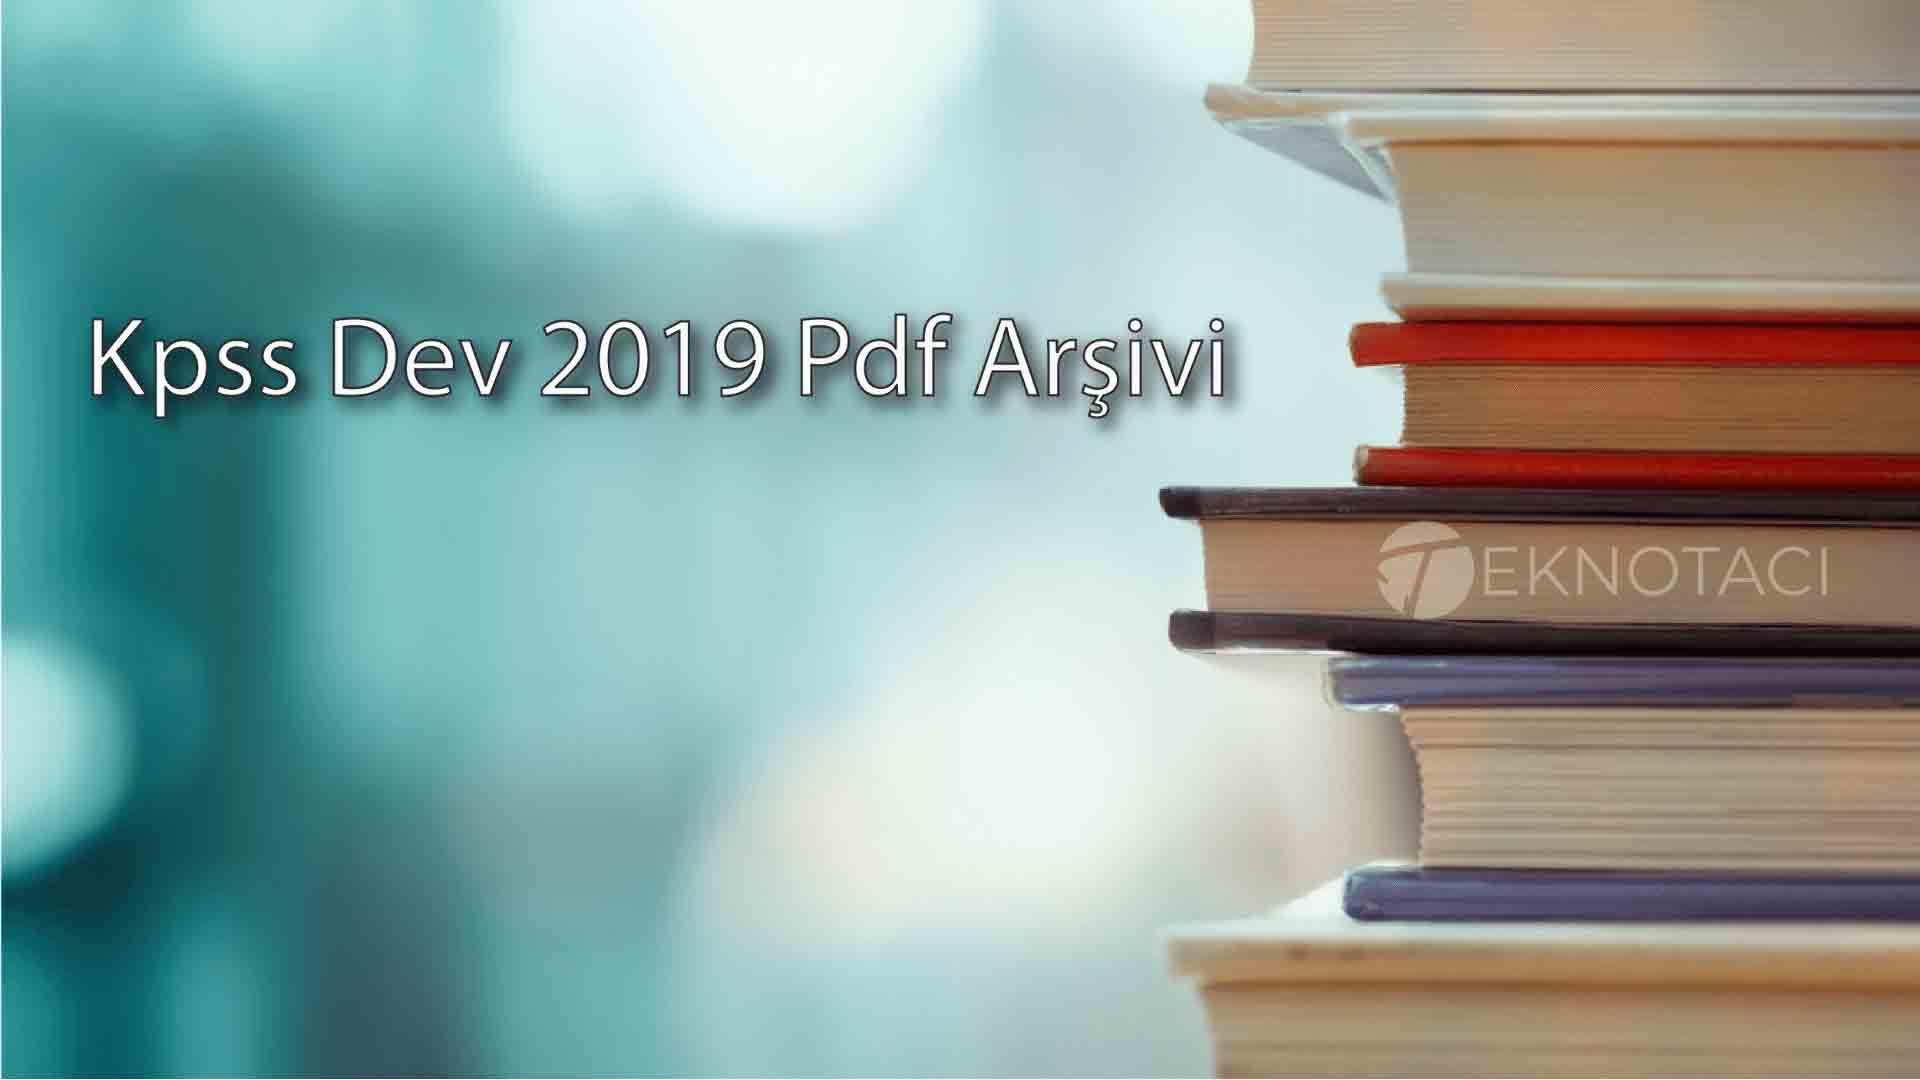 2019 Dev Kpss Pdf Kitap Arşivi Indir Teknotaci